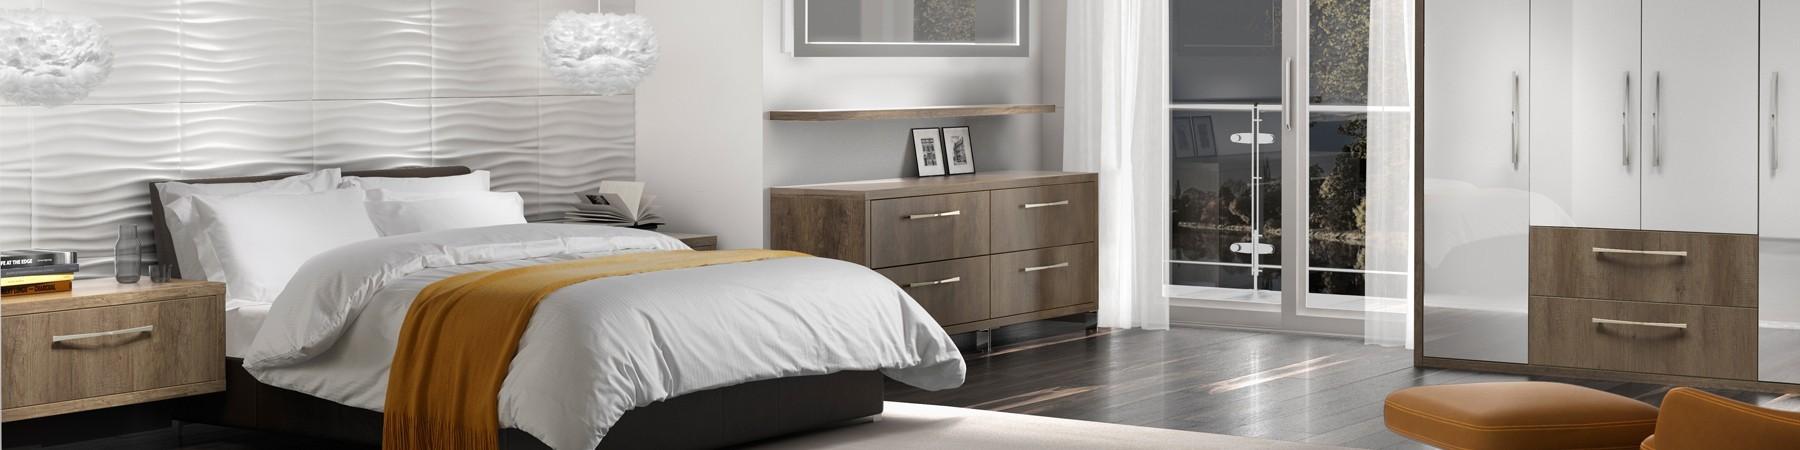 Giường phòng ngủ đôi cao cấp,chính hãng,giá rẻ